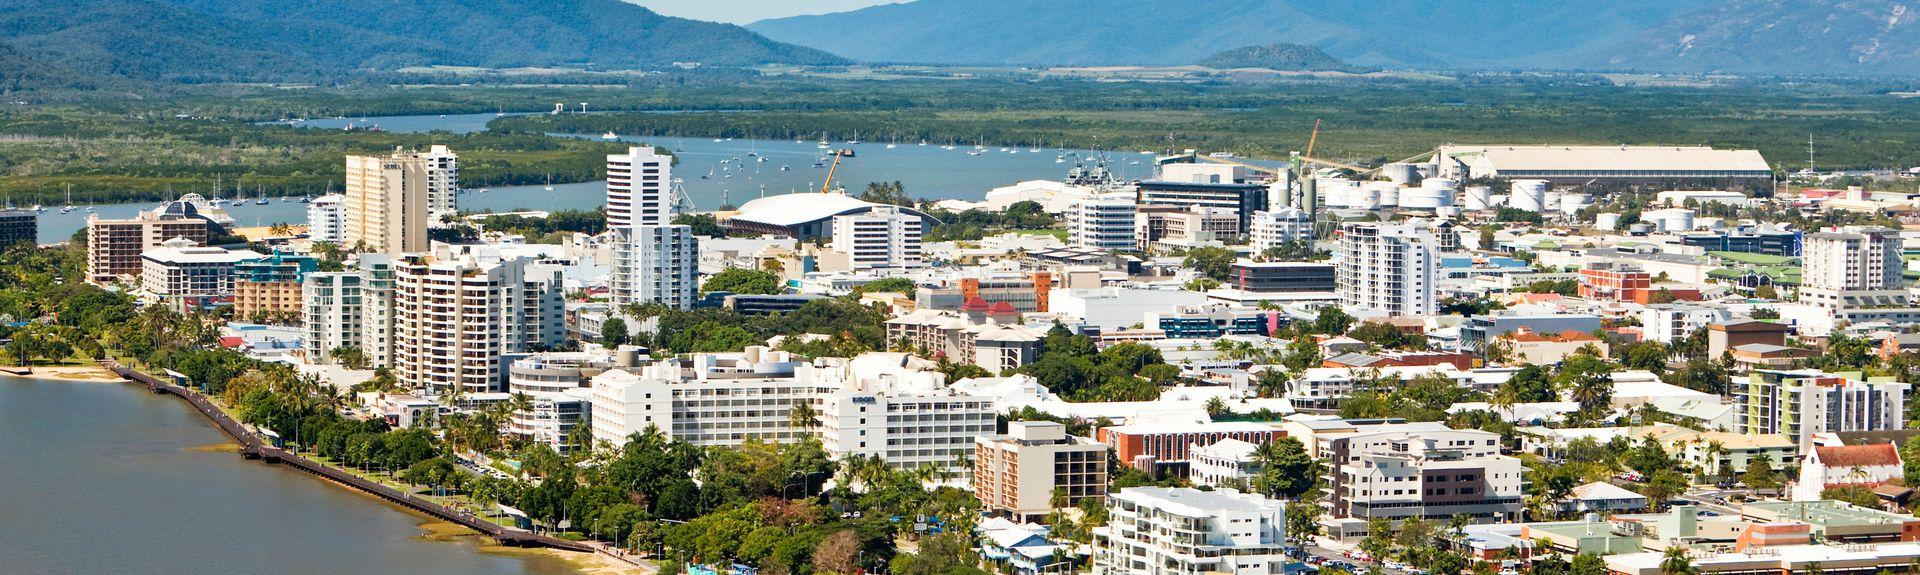 Cairns, Queensland, AU